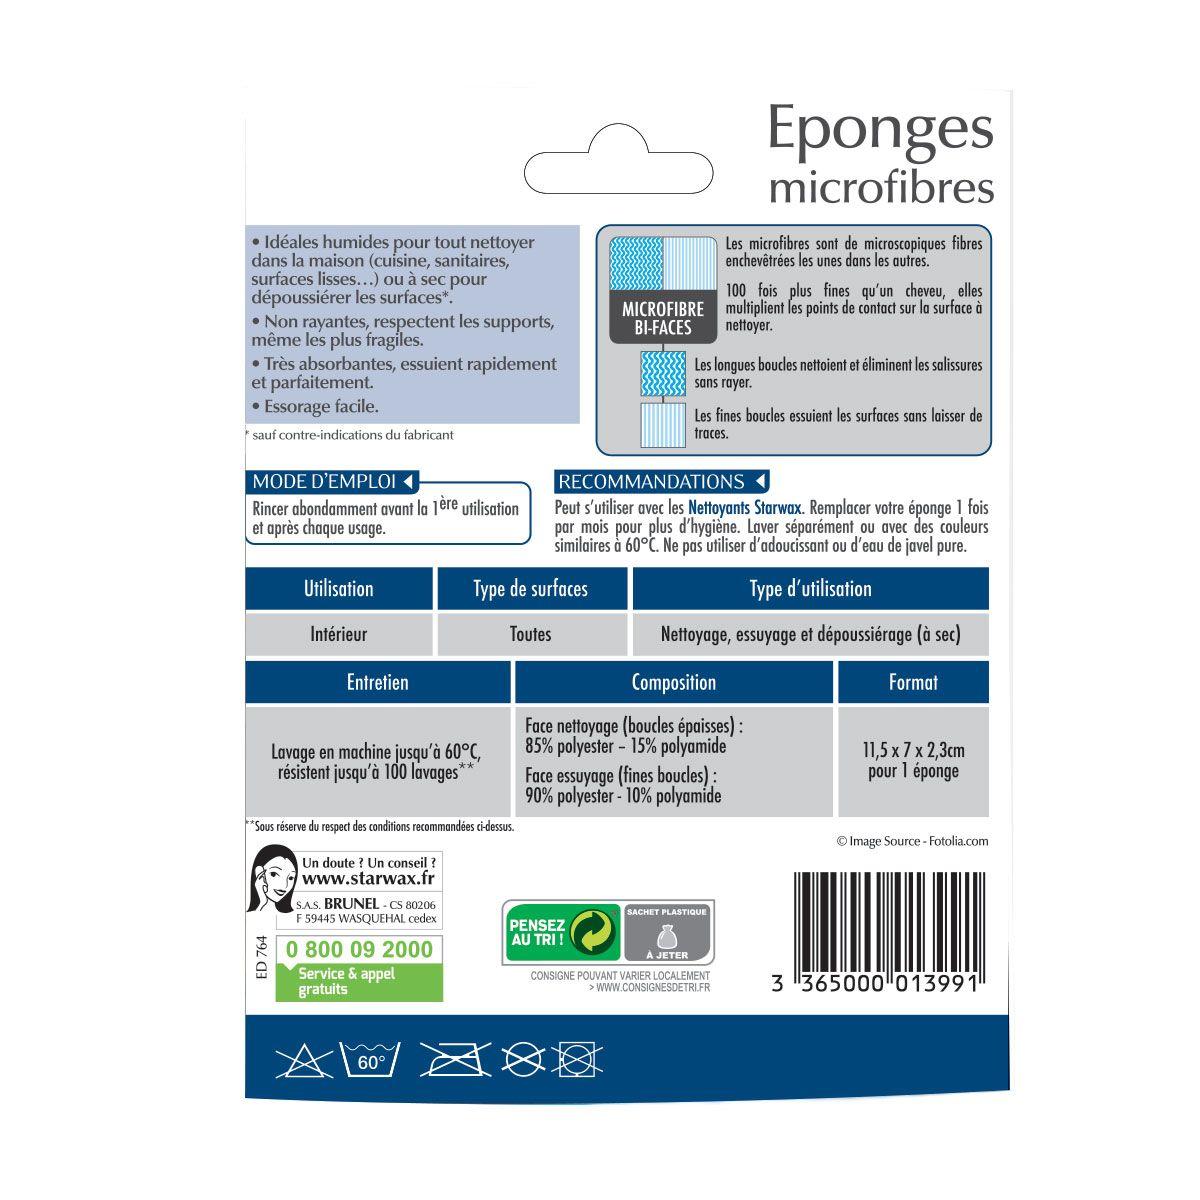 Eponges microfibres - Starwax